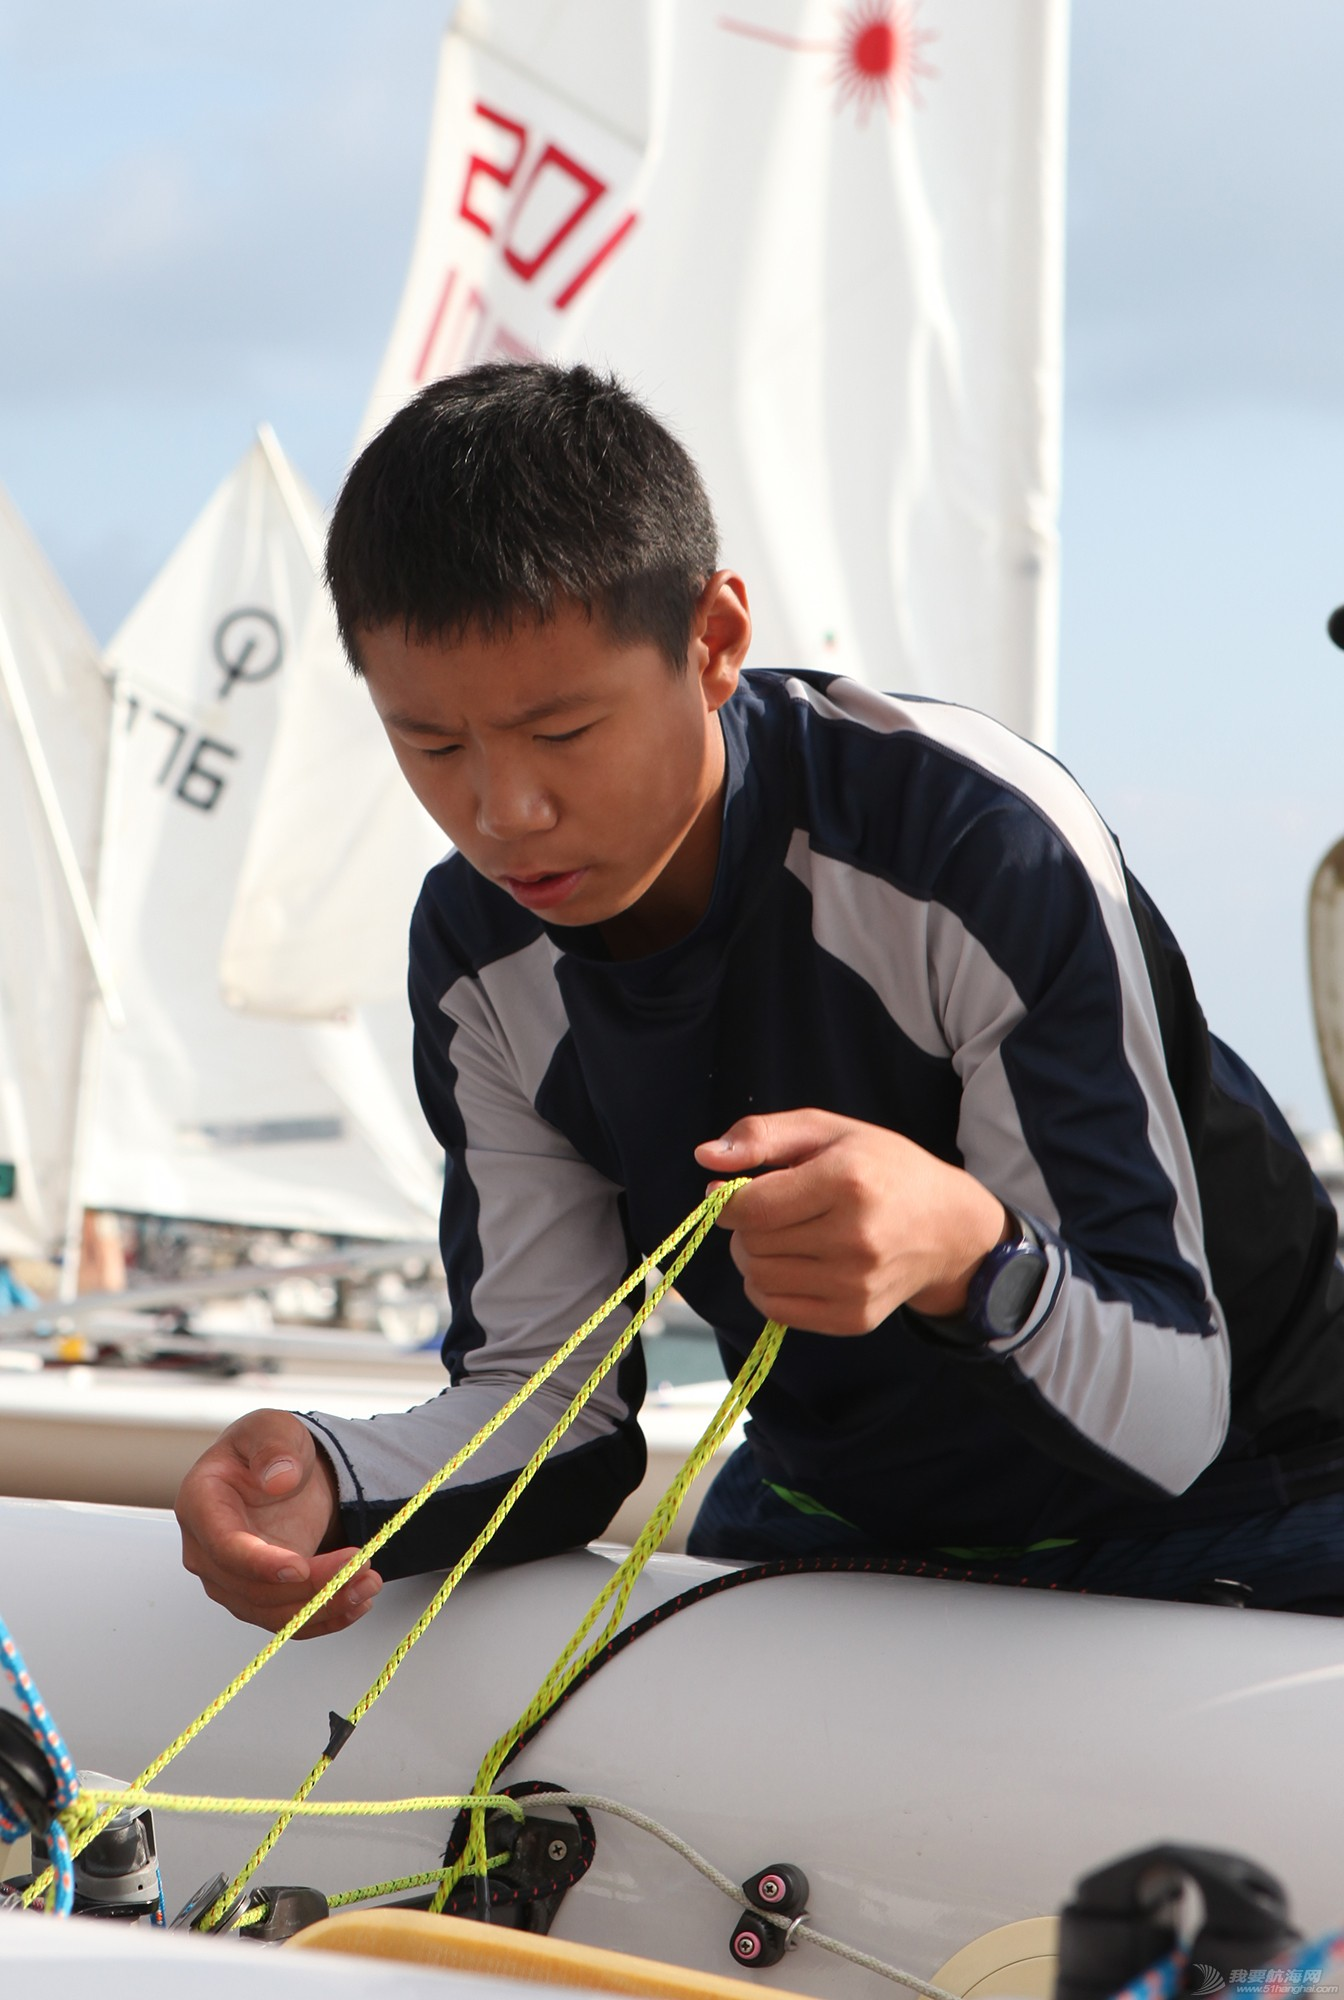 山东省,冠军赛,帆板,帆船 忙碌的赛前准备——山东省帆船帆板冠军赛花絮 IMG_7252.JPG